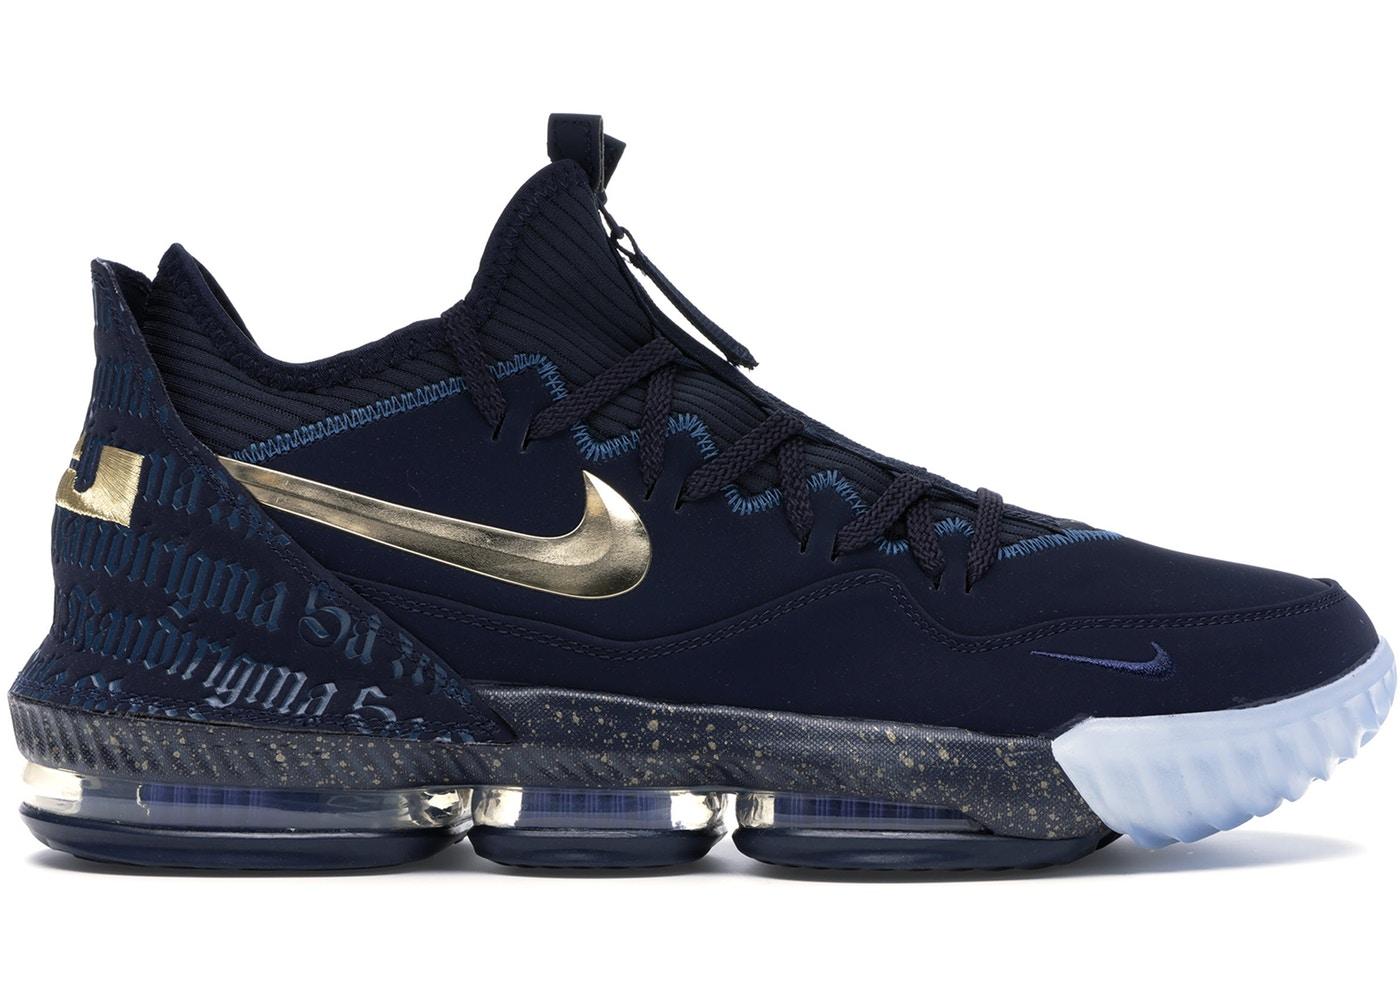 買い付けNOW 3 11より注文順に発送開始予定 登場大人気アイテム 送料無料 ナイキ メンズ レブロン16ロー Nike Lebron バッシュ 16 GOLD-BLUE FORCE OBSIDIAN METALLIC 贈与 Low